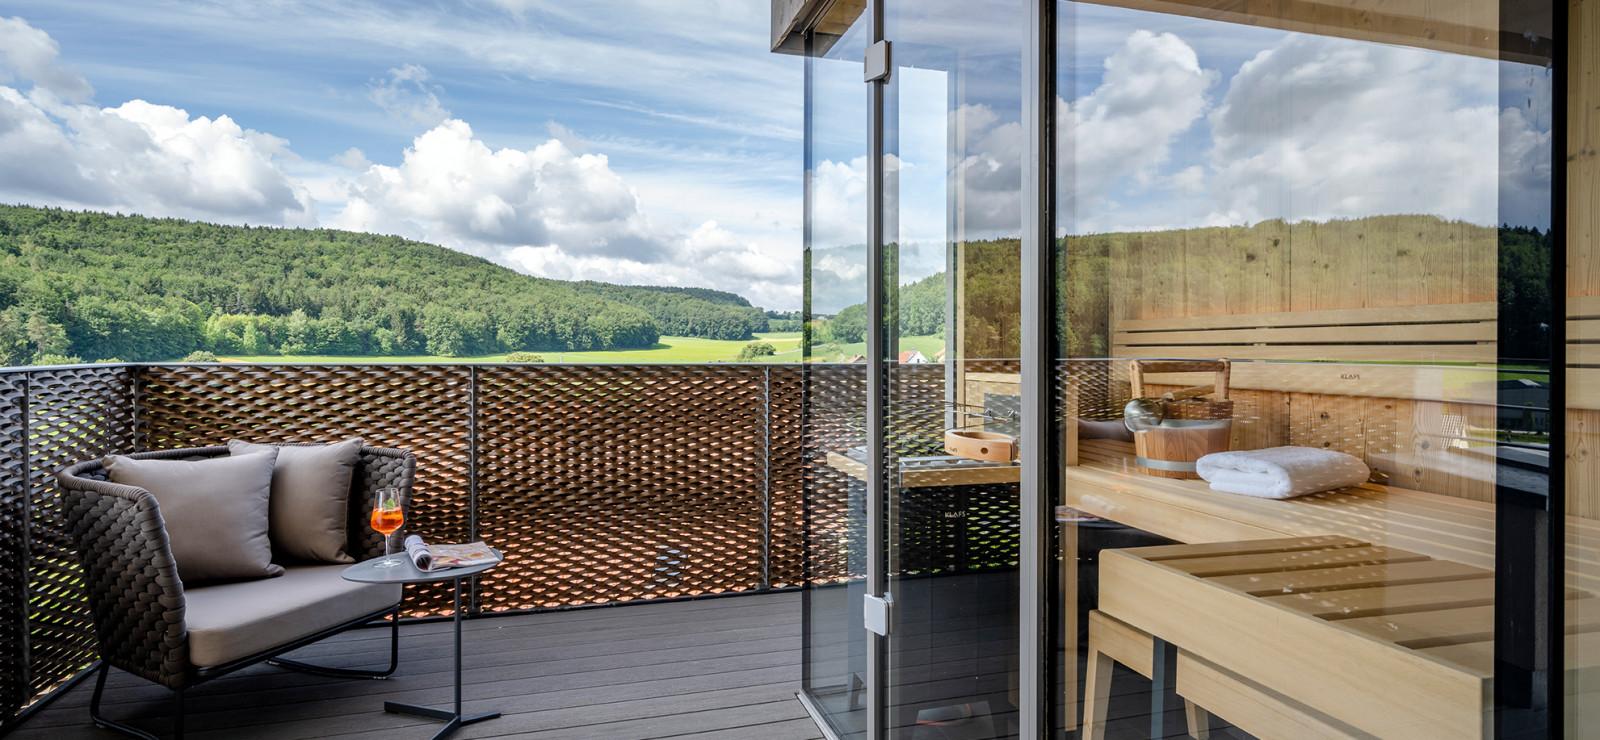 wellnesshotels in ansbach bayern wellnessurlaub wellness wochenende. Black Bedroom Furniture Sets. Home Design Ideas